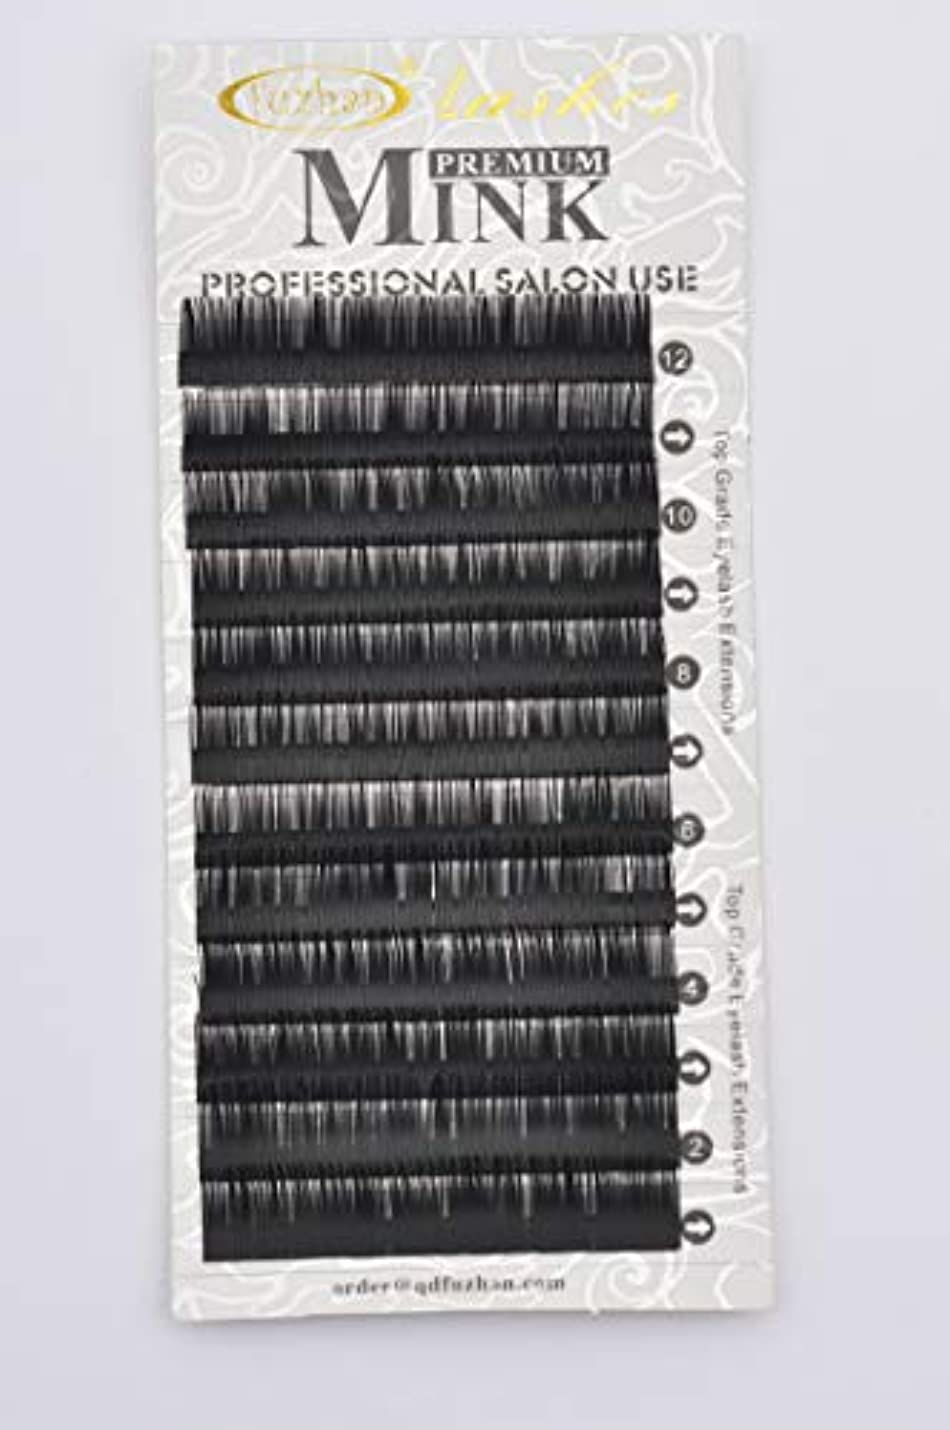 ハドル淡い夫婦まつげエクステ 太さ0.20mm(カール長さ指定) 高級ミンクまつげ 12列シートタイプ ケース入り (0.20 12mm D)